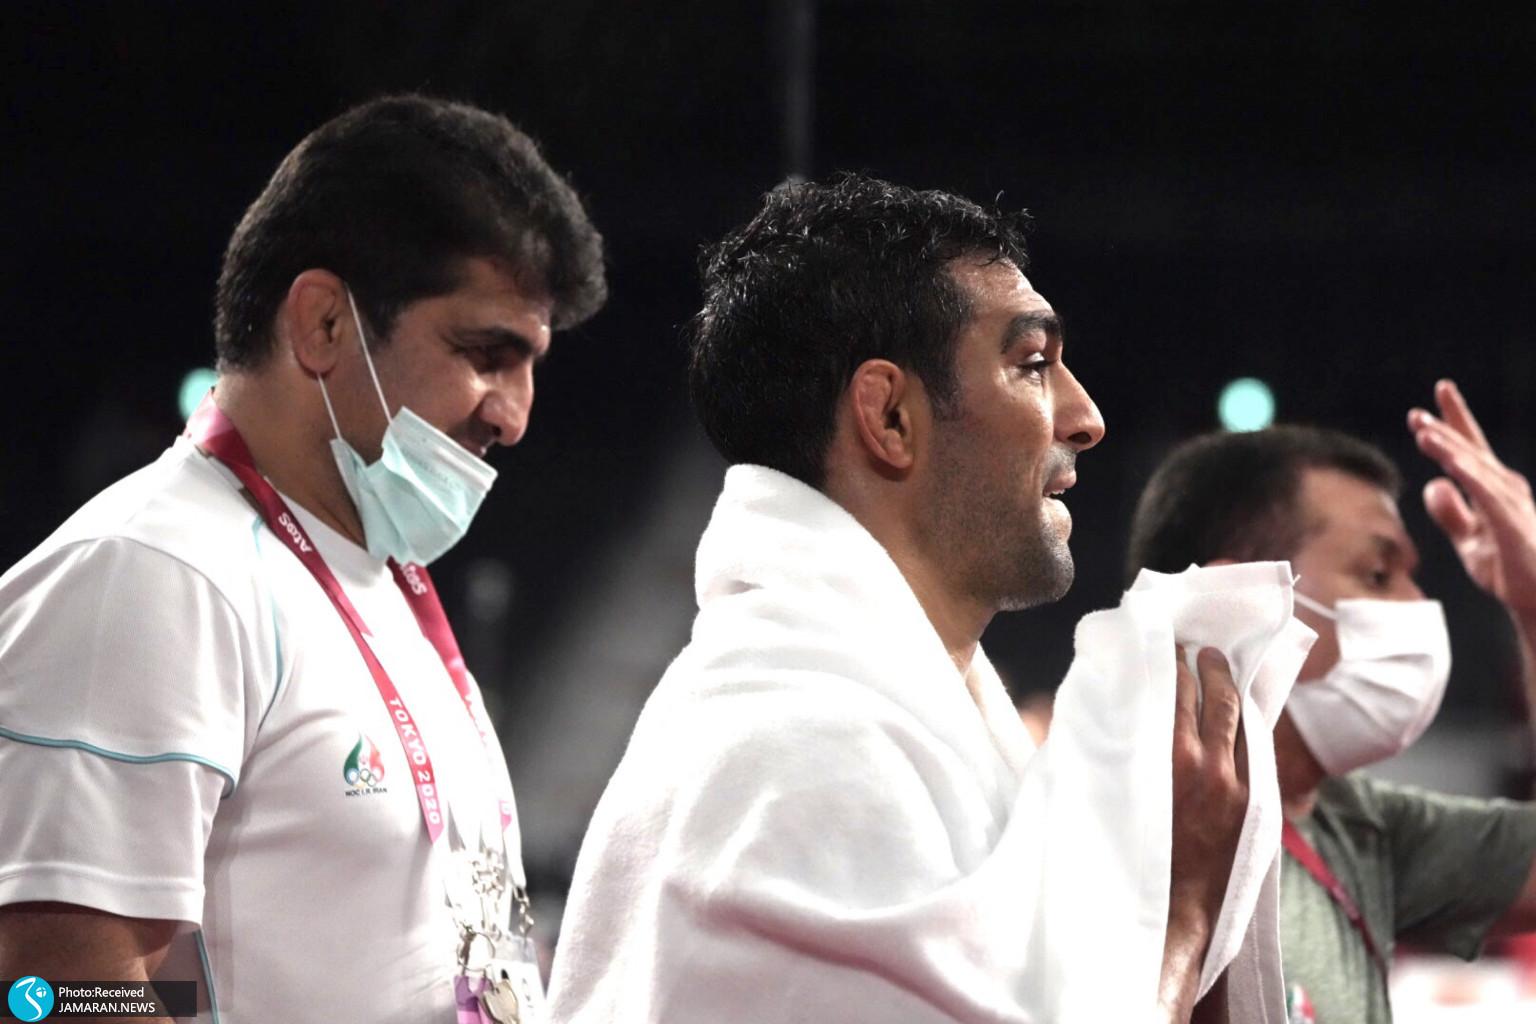 مصطفی حسین خانی کشتی آزاد المپیک